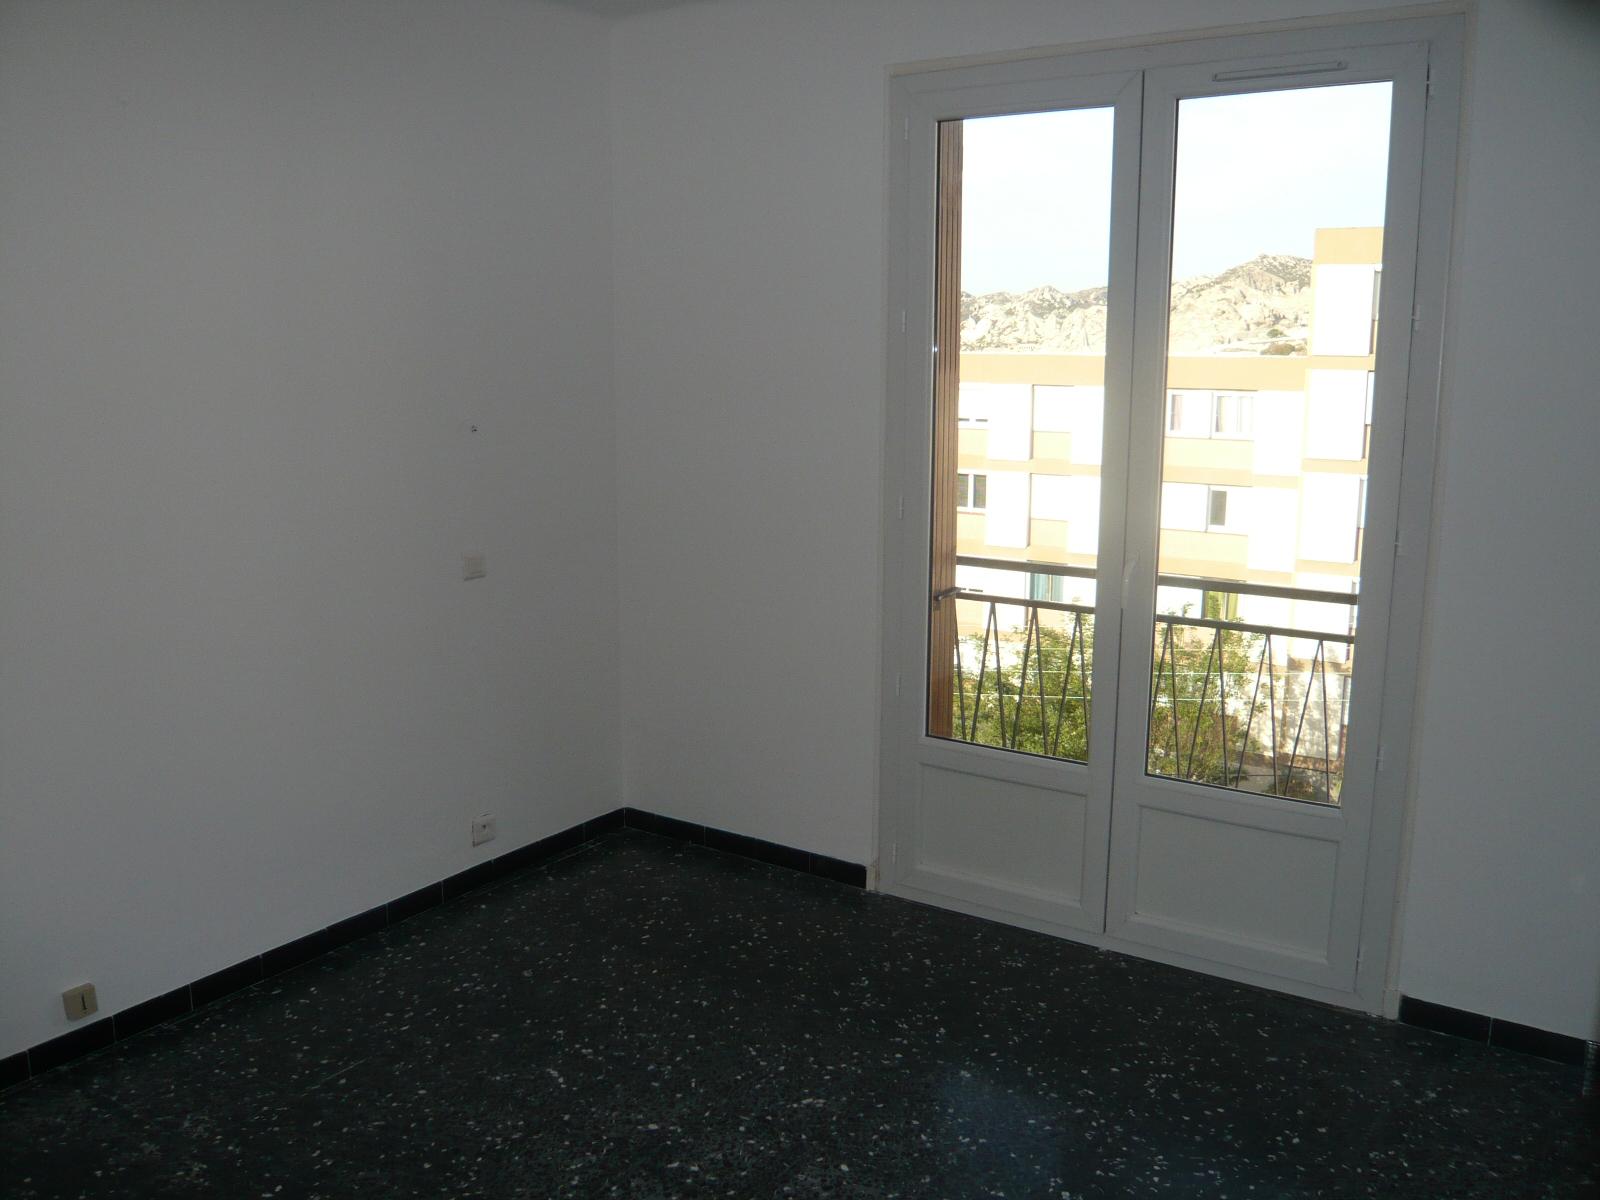 Marseille acheter appartement t4 f4 marseille 13016 l for Appartement a acheter sur marseille